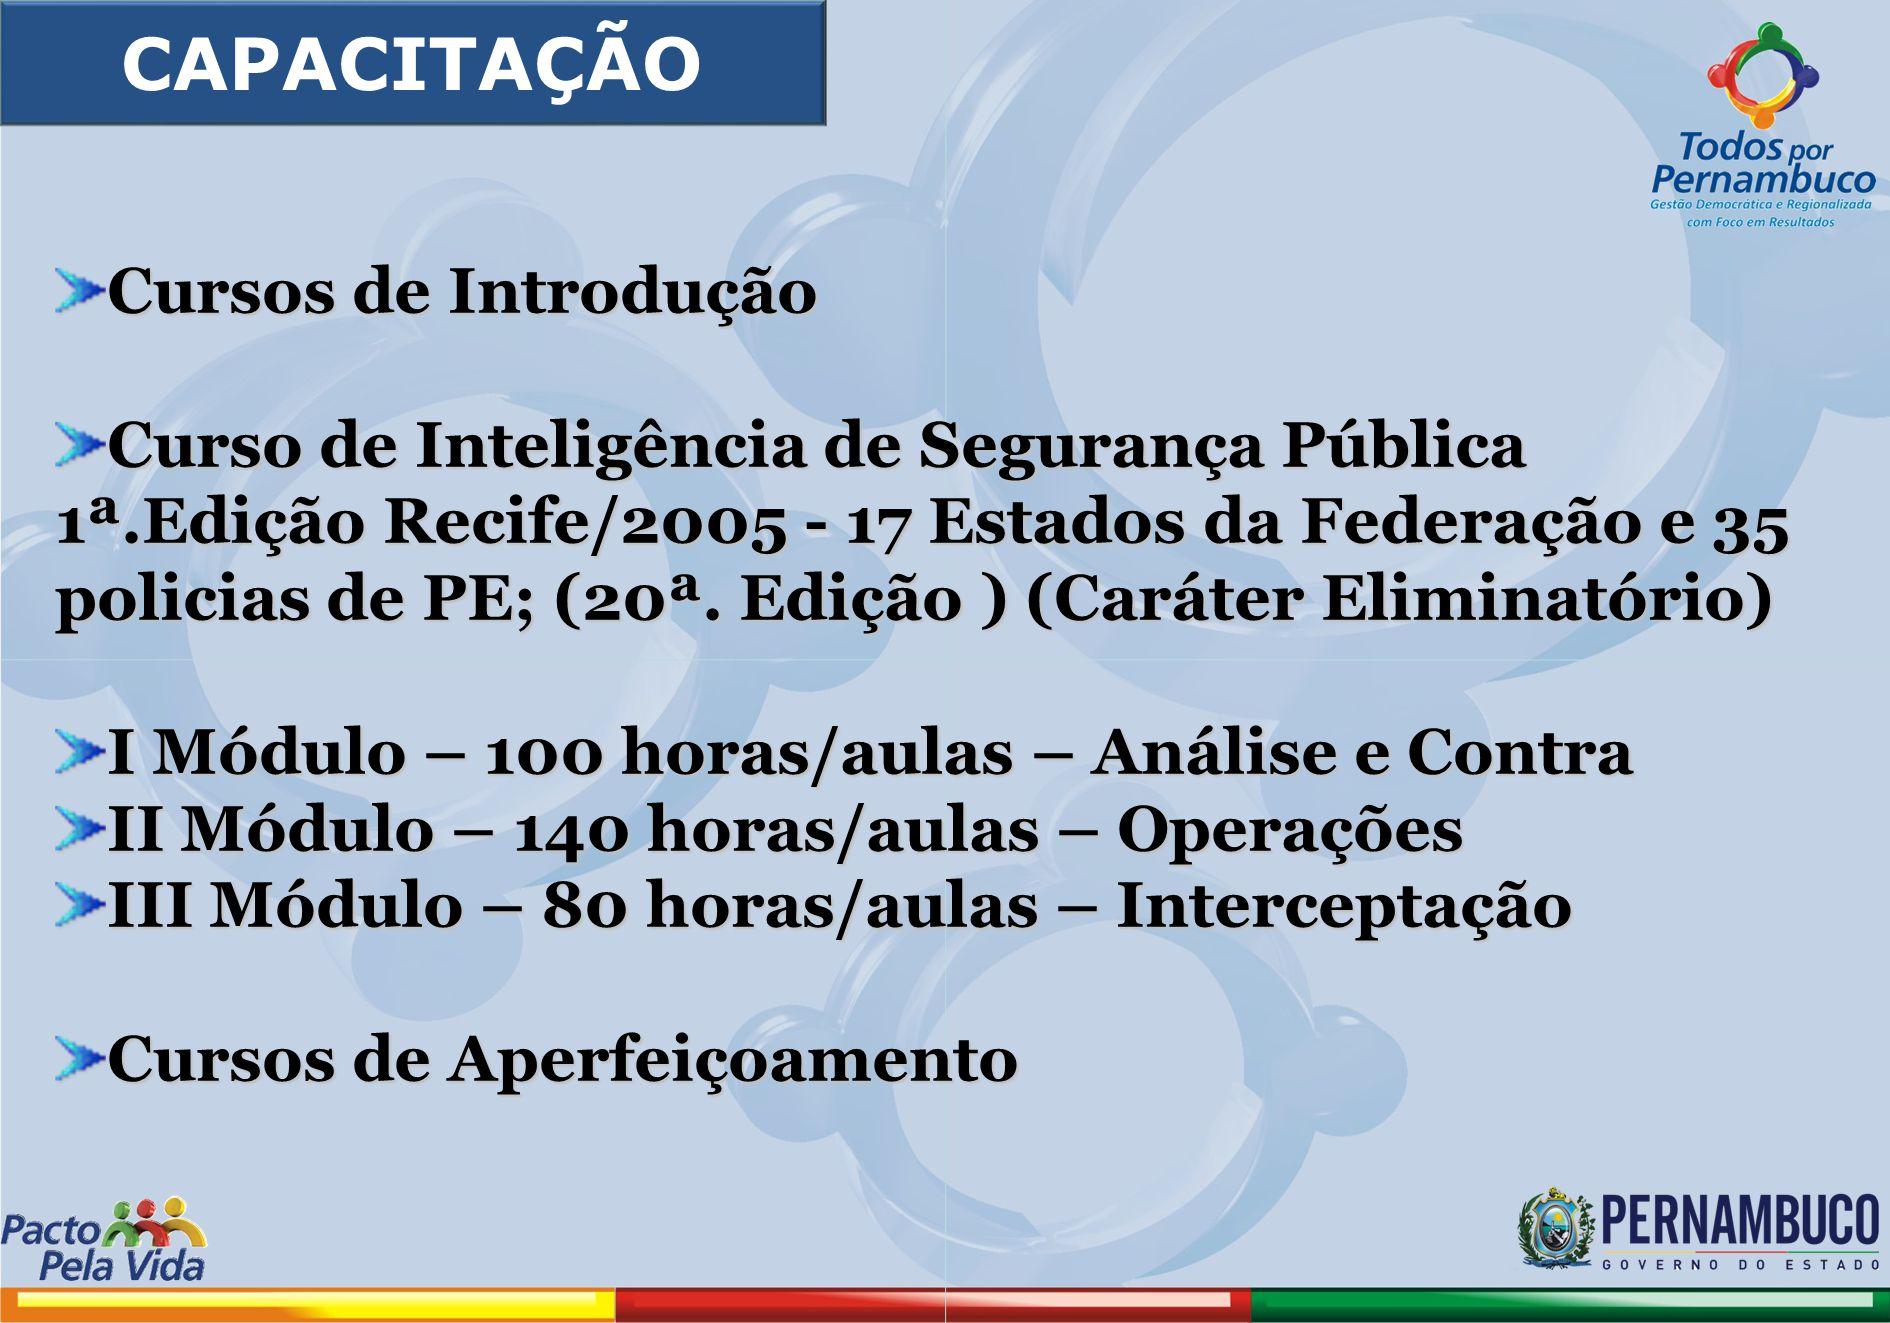 CAPACITAÇÃO Cursos de Introdução Curso de Inteligência de Segurança Pública 1ª.Edição Recife/2005 - 17 Estados da Federação e 35 policias de PE; (20ª.